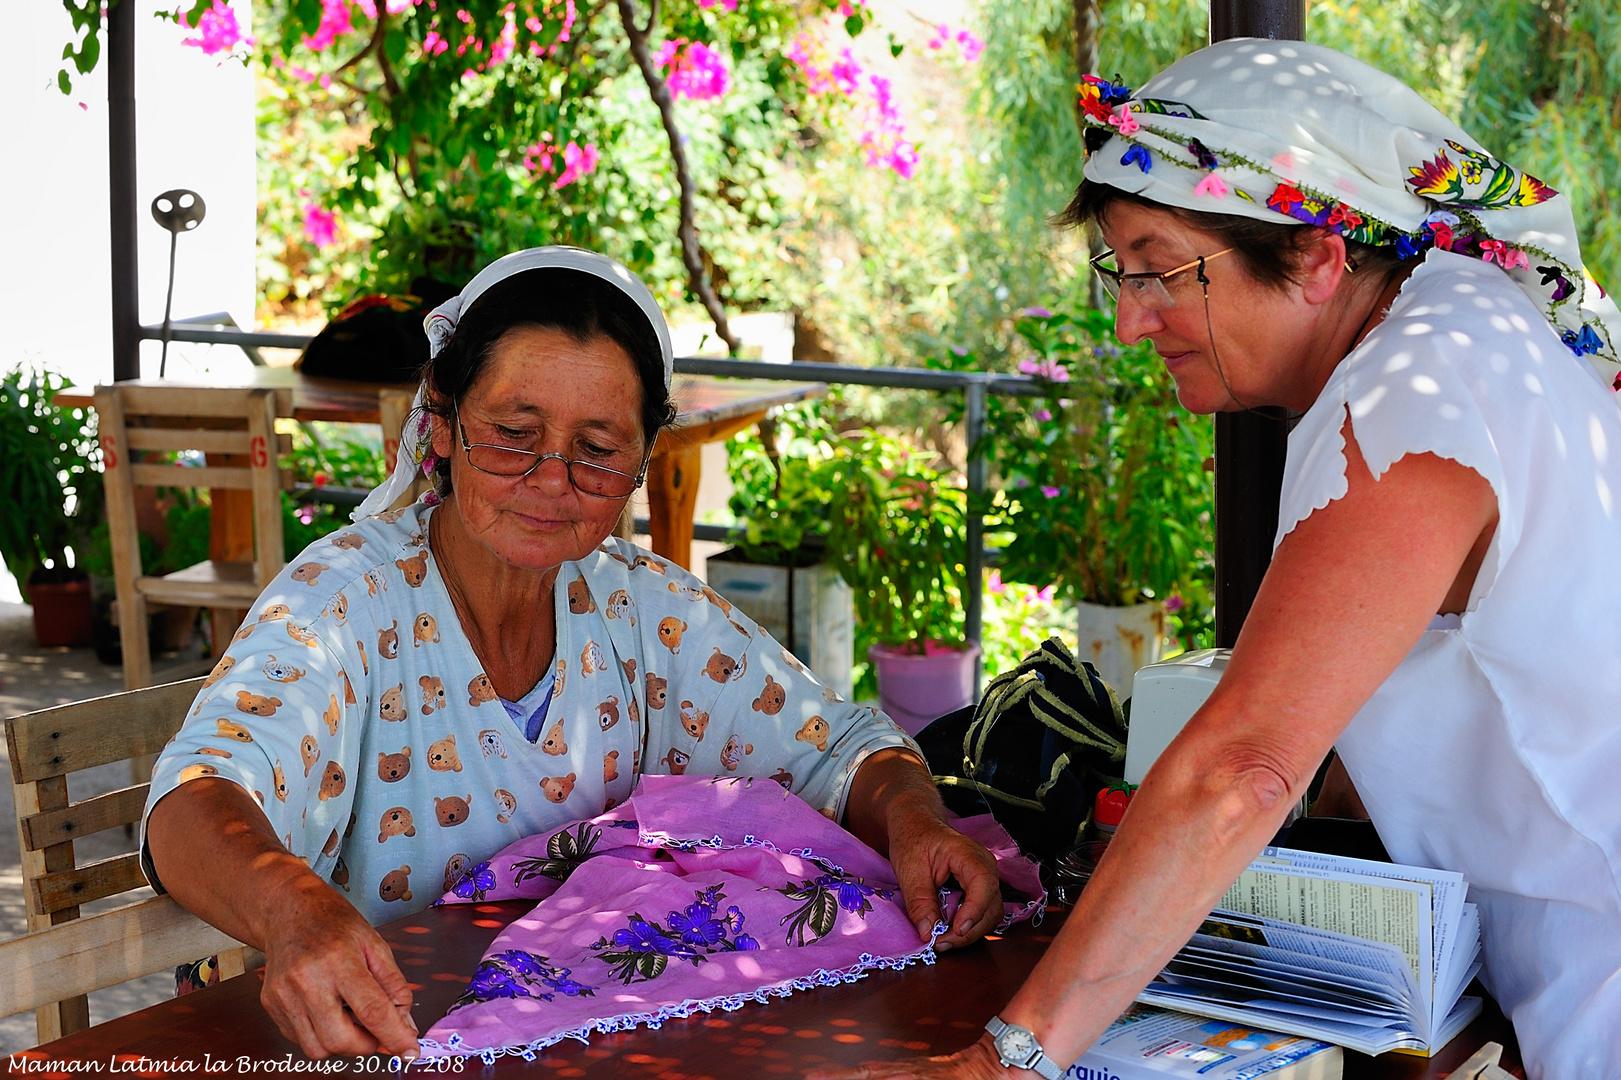 Maman Latmia La Brodeuse (30.07.2008)